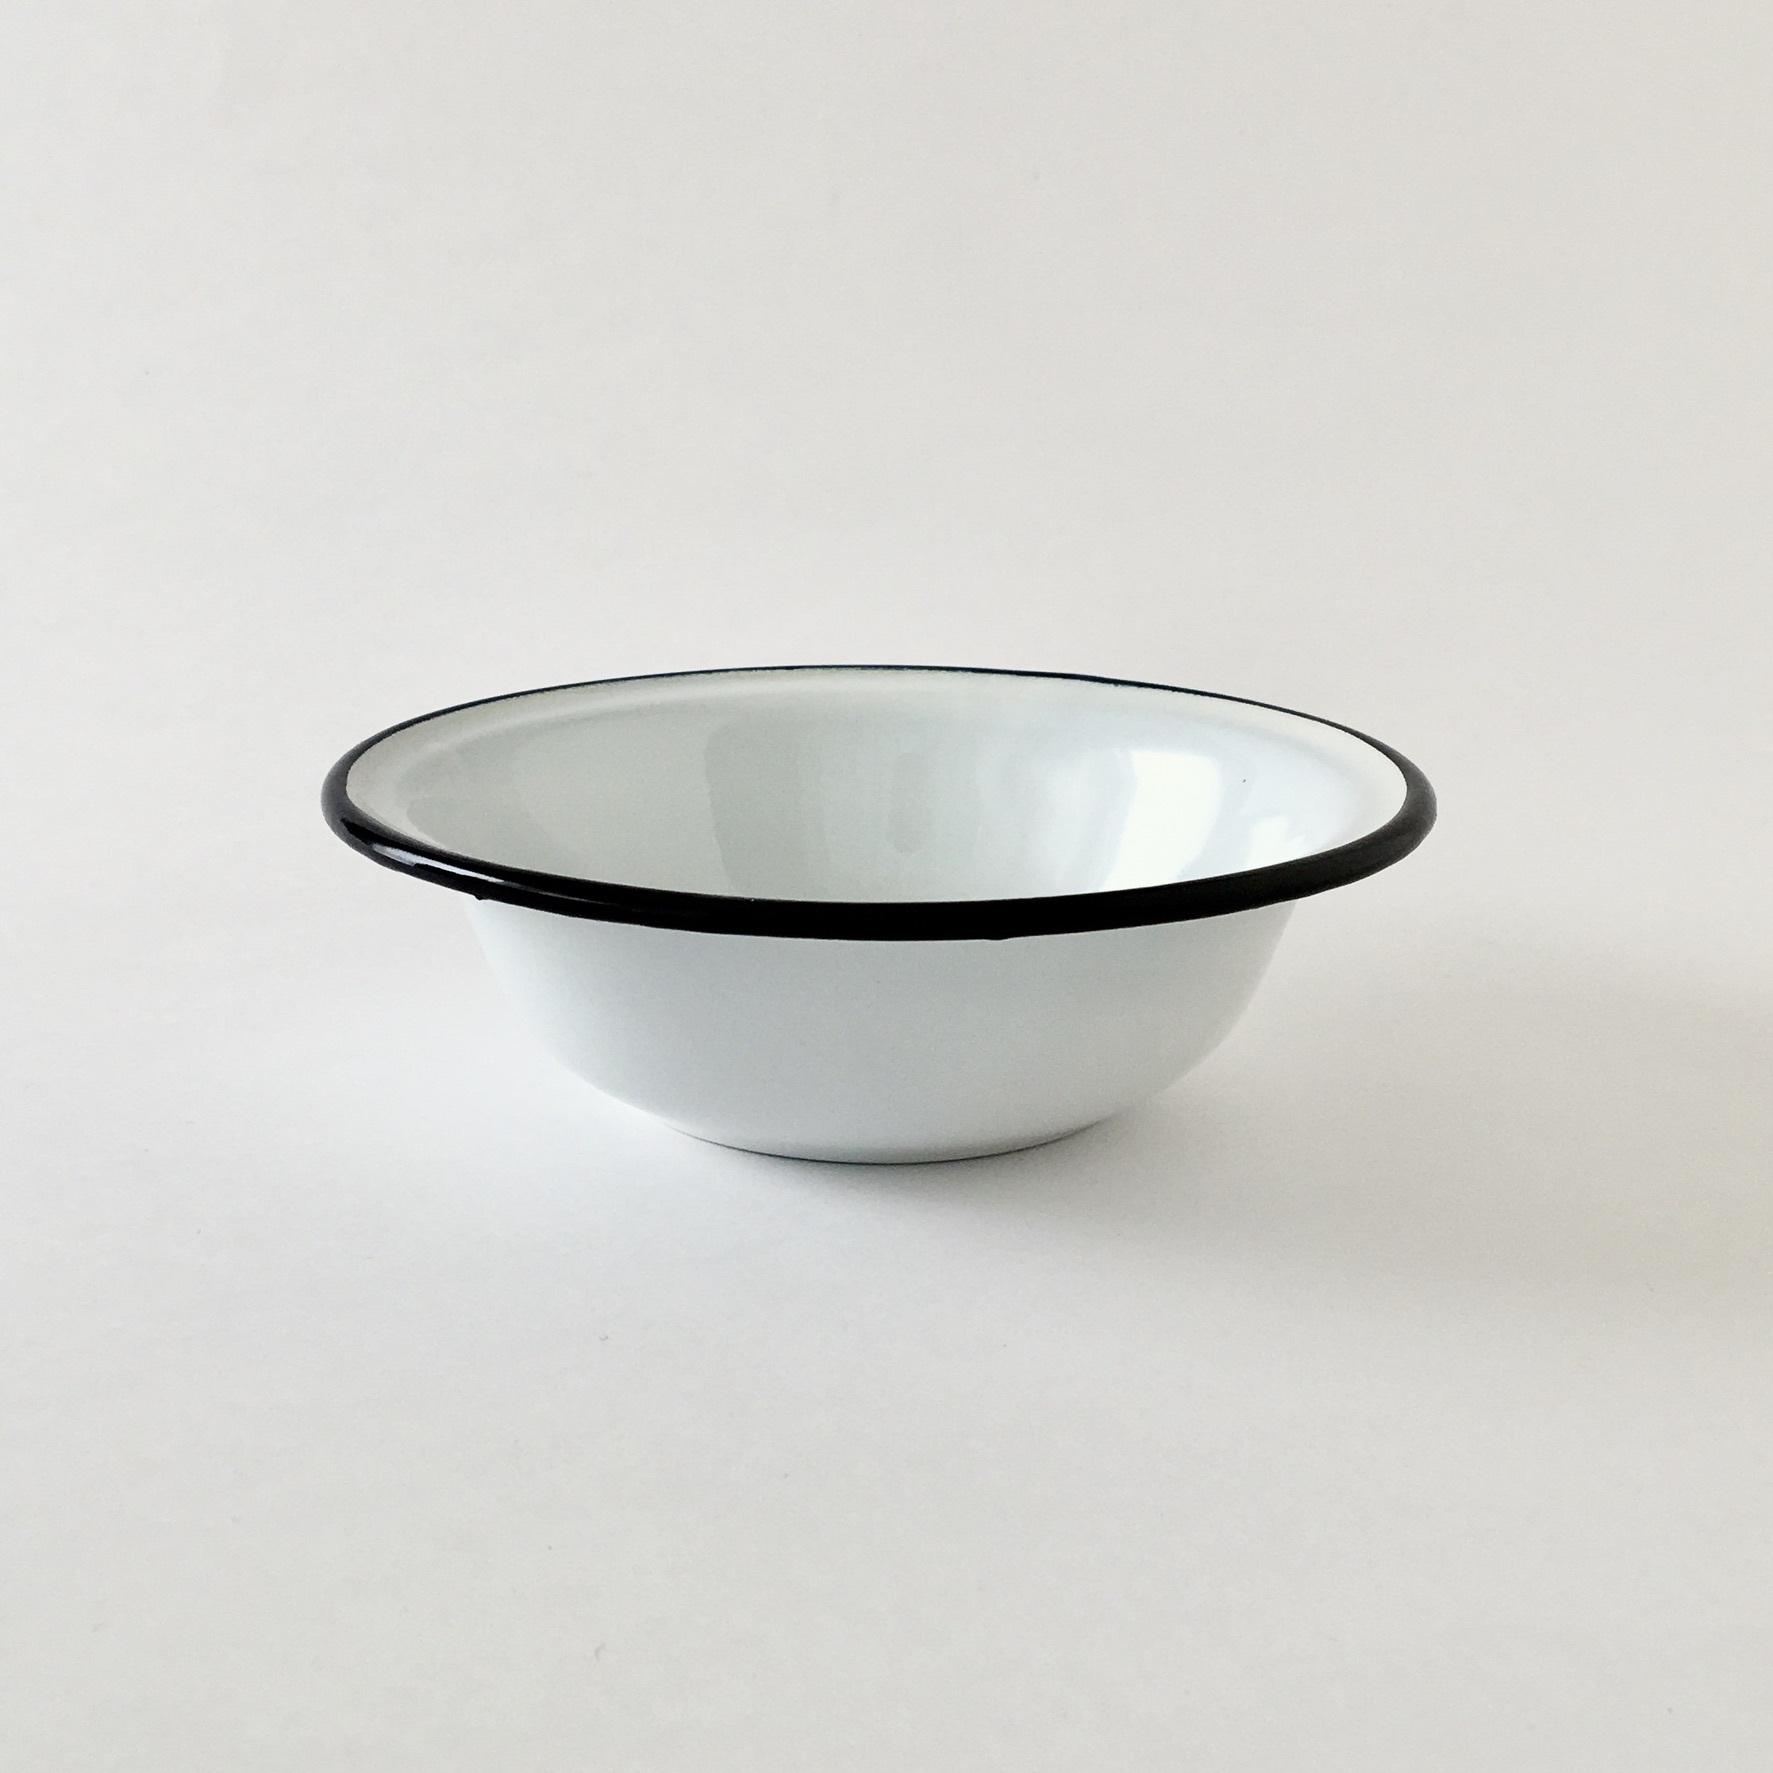 Basin White with Black Rim 16cm ホーローのボウル ホワイト